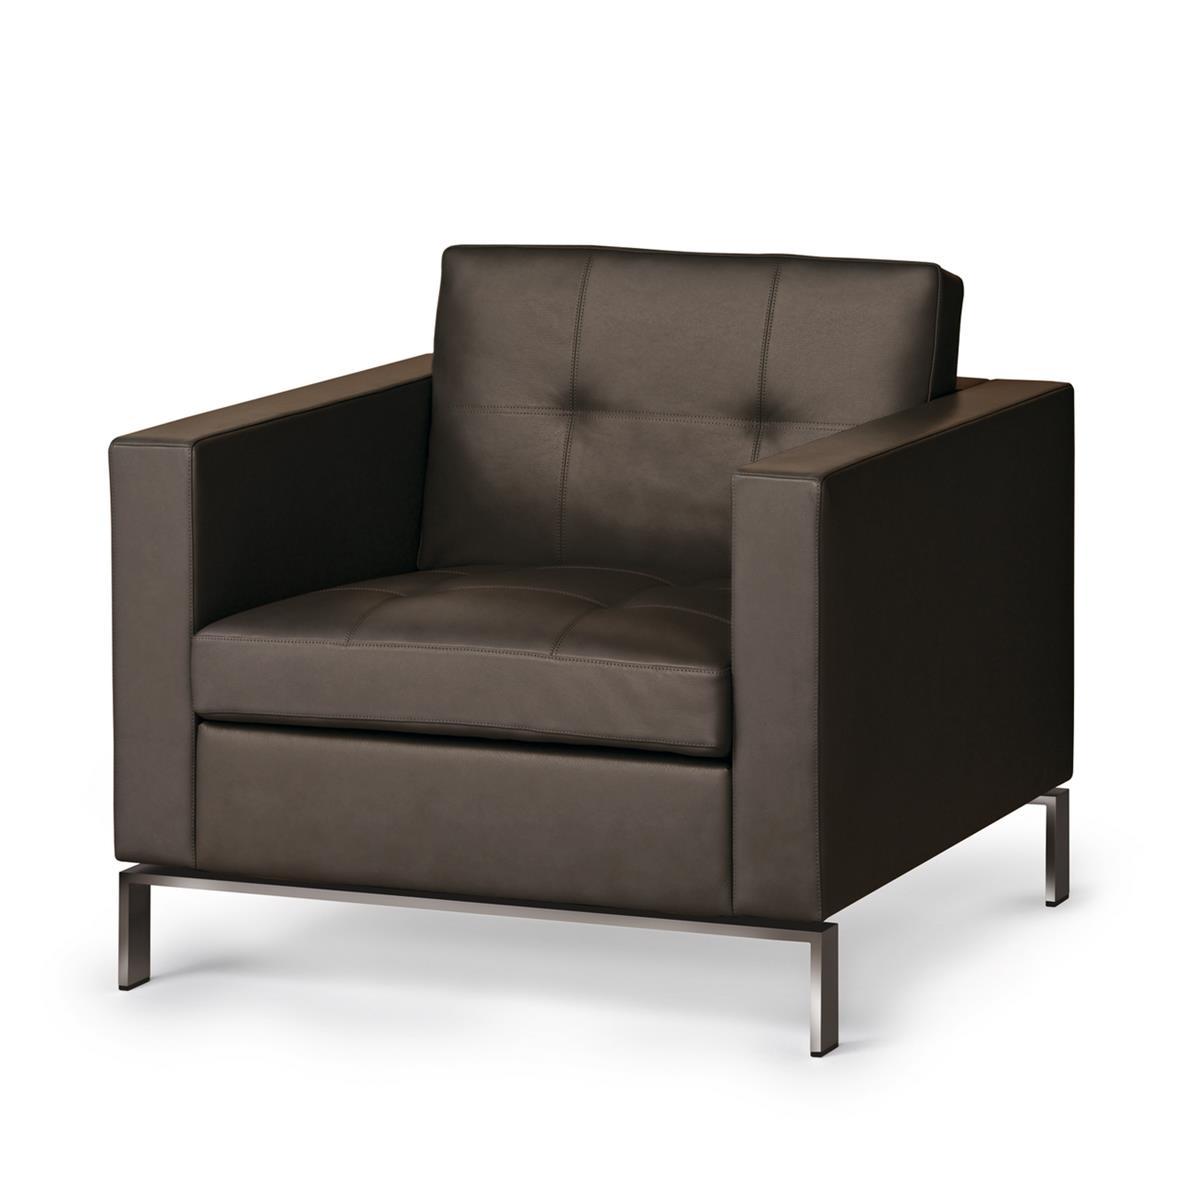 Foster 502 armchair - на 360.ru: цены, описание, характеристики, где купить в Москве.